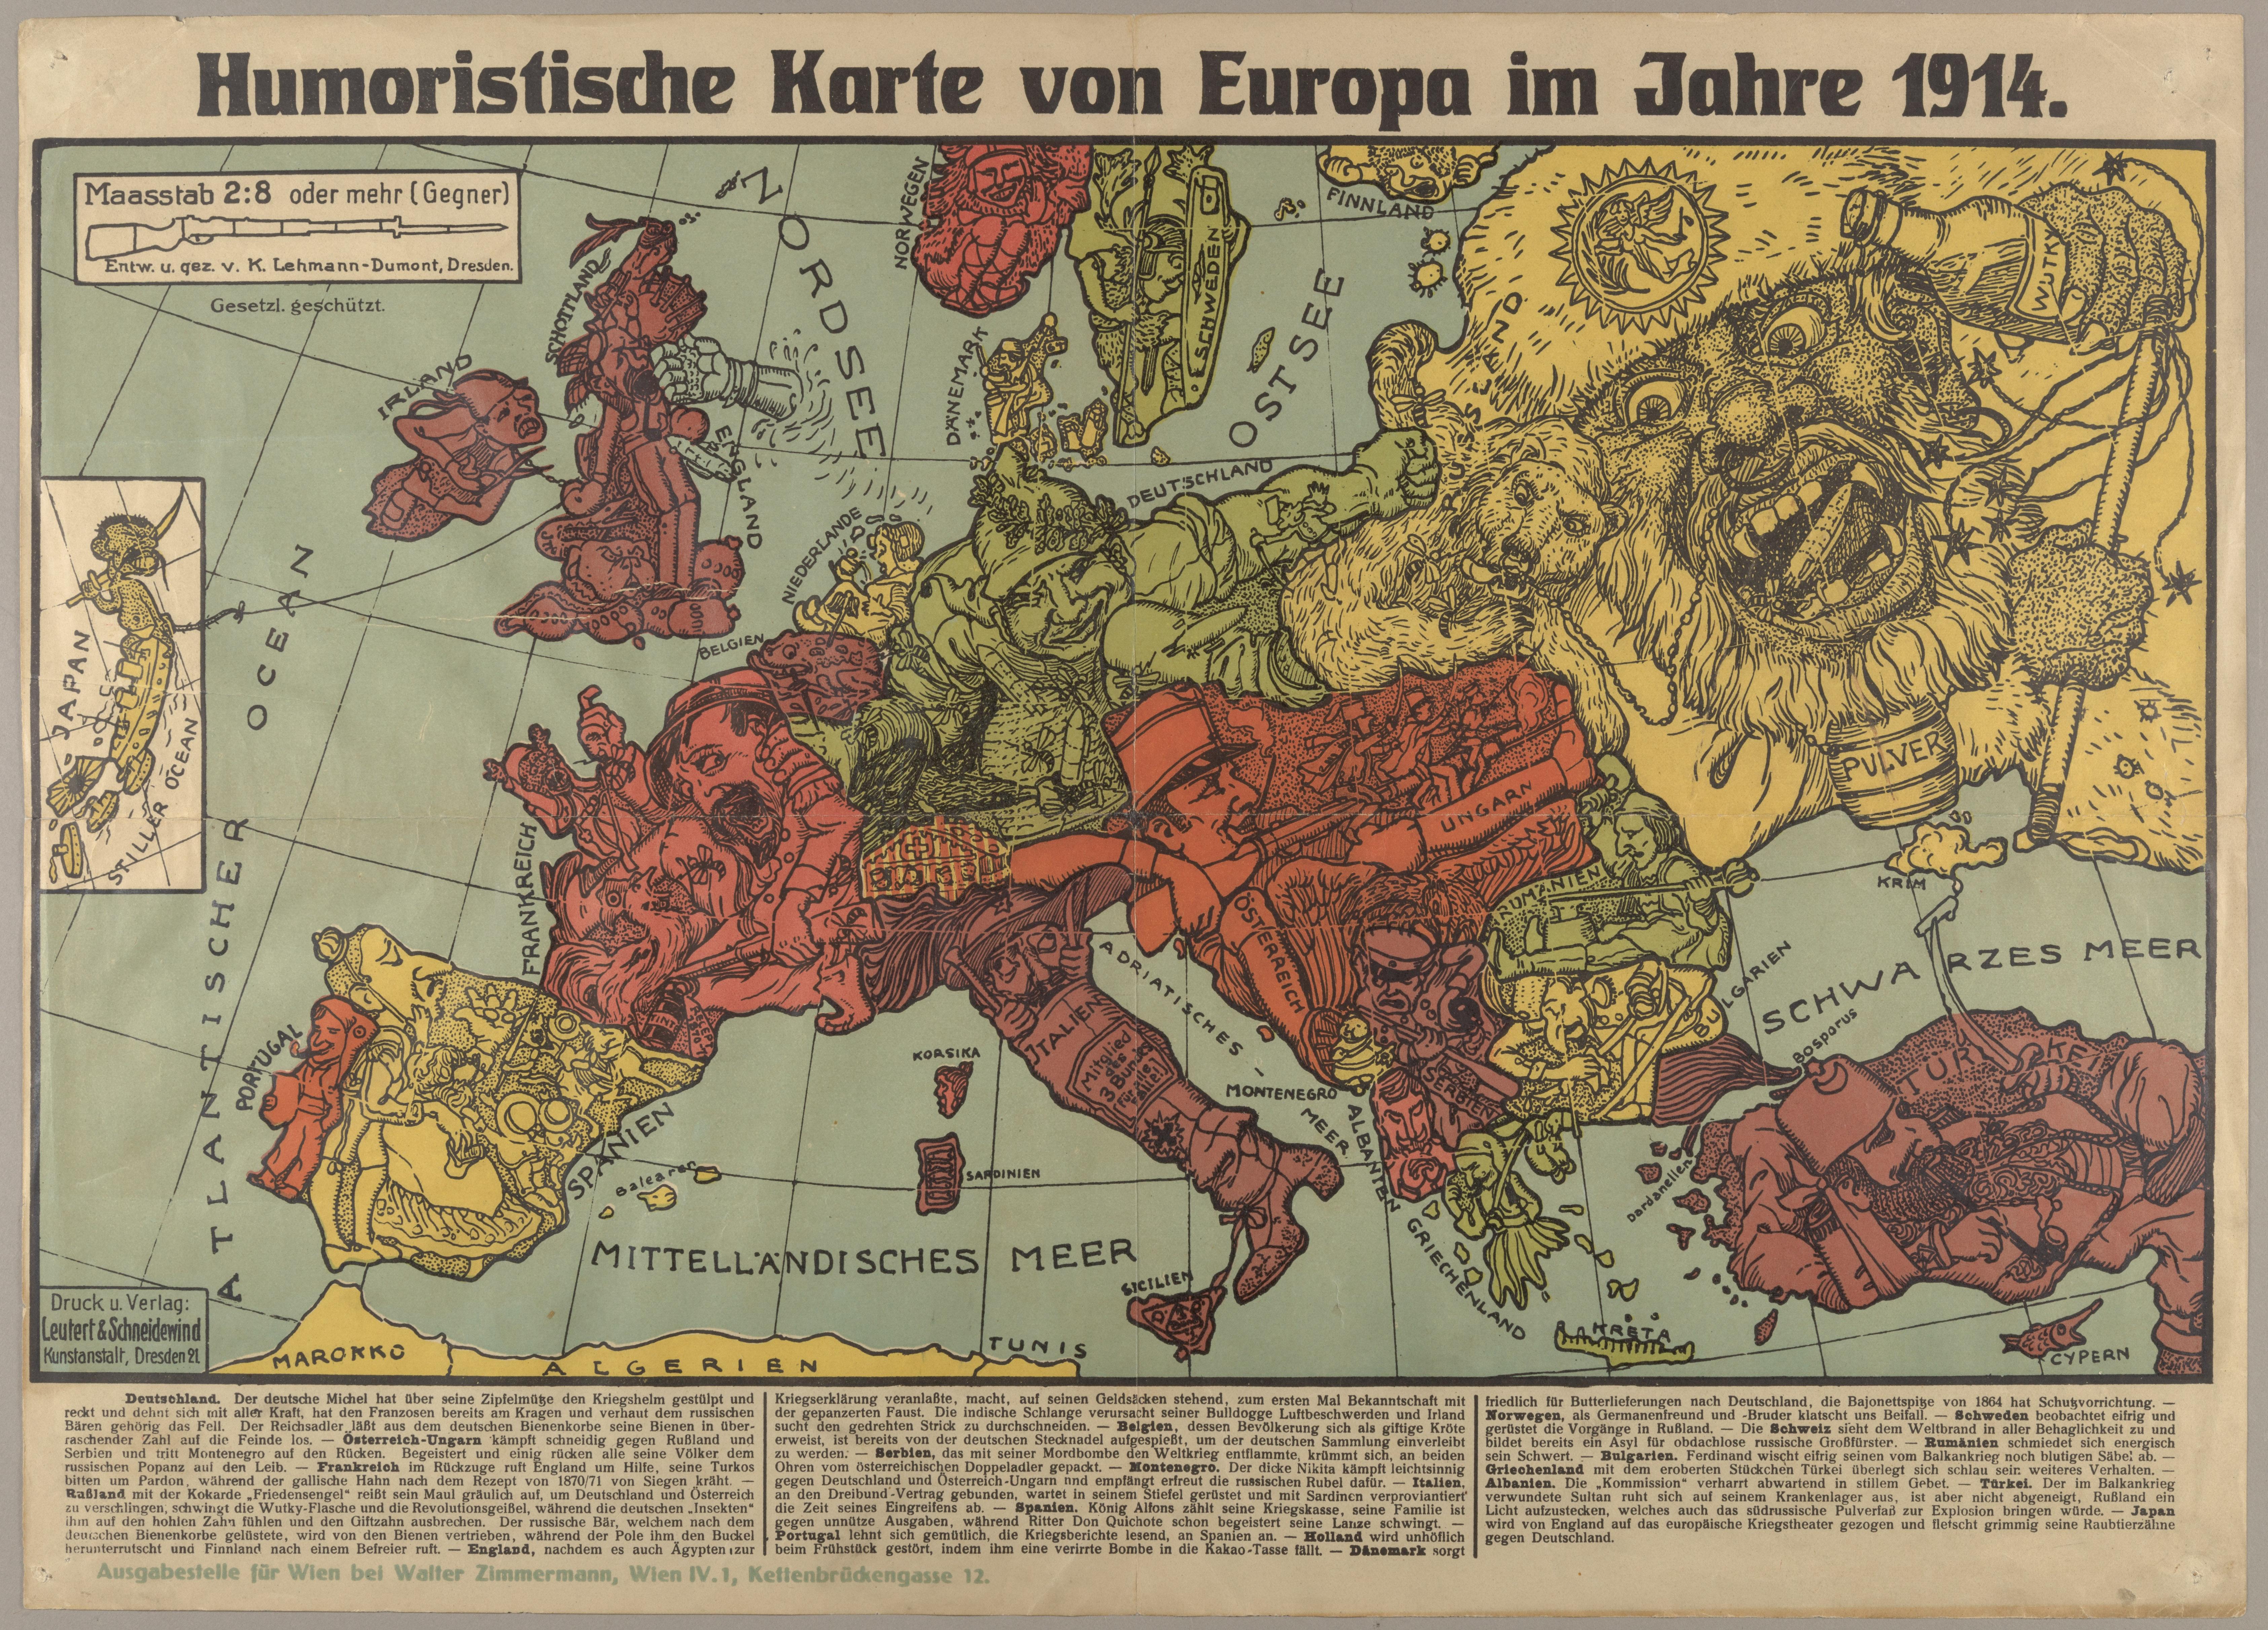 Юмористическая карта Европы. Эта «юмористический карта» изображает Германию как невинного хорошего парня, которого со всех сторон окружают порочные и жадные соседи. 1914